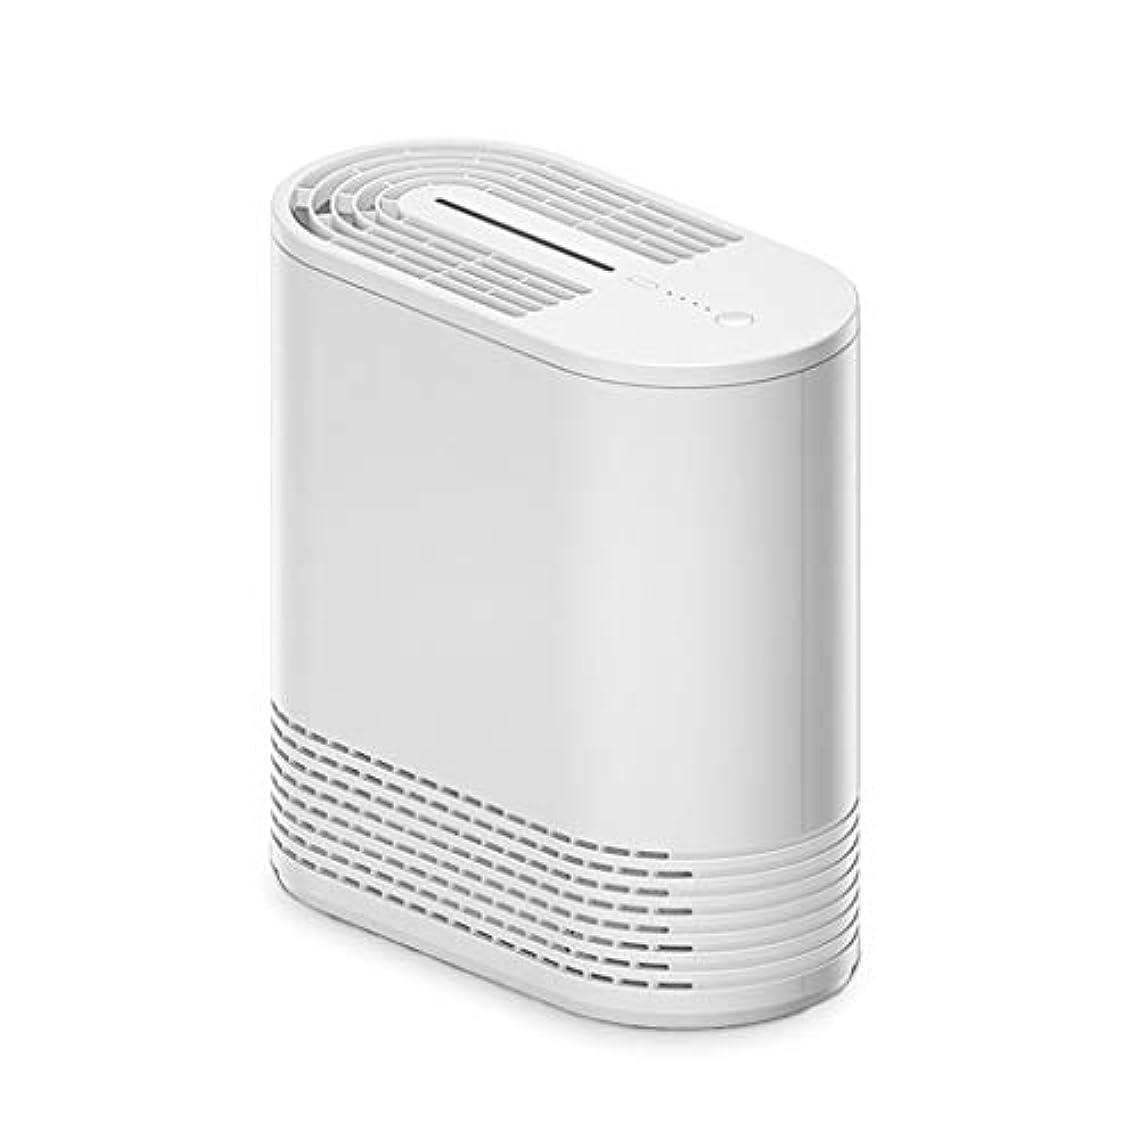 凍結掃除誇張するビズアイ 空気清浄機ミニほこりを取り除くためにミニ喫煙デスクトップ内務省削除煙、ほこり、臭気、ヘイズ、ヘイズのシンプルで簡単な、ホワイト エアフィルター清浄機 (Size : 280 x145x290 mm)